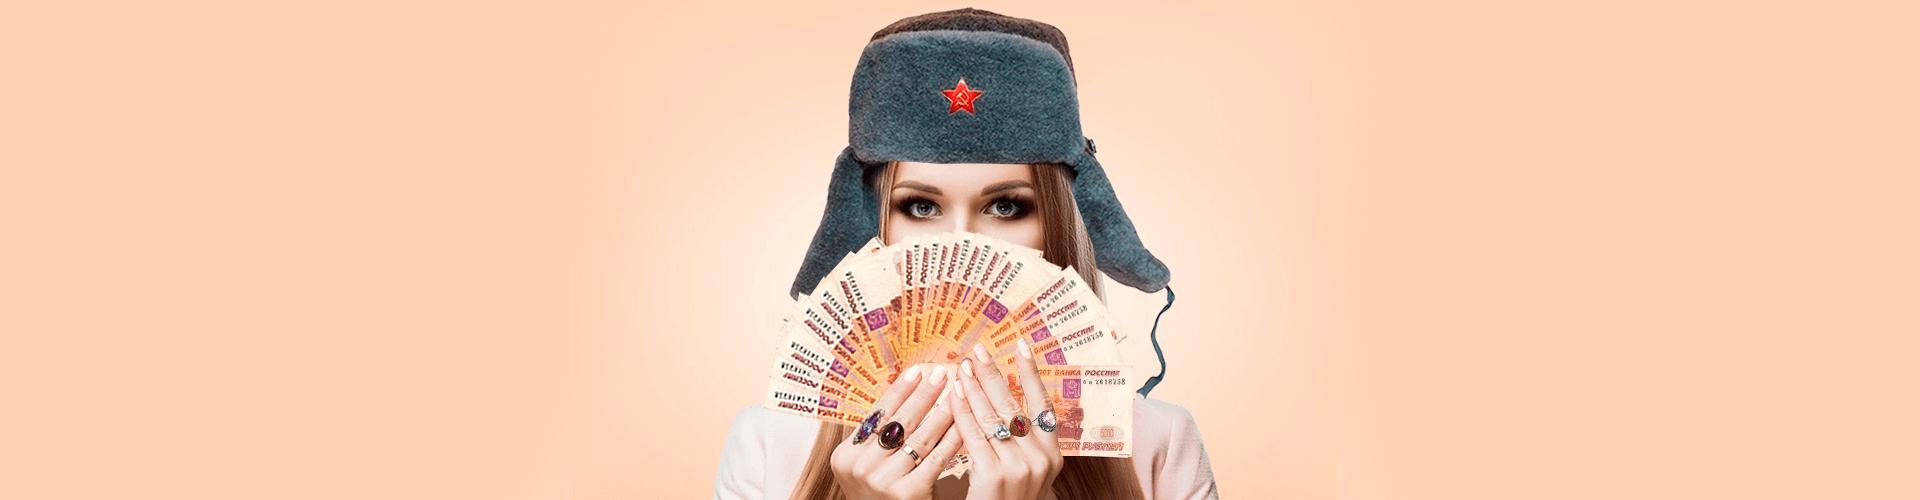 русская девушка, кольца, шапка ушанка, деньги, Airbnb